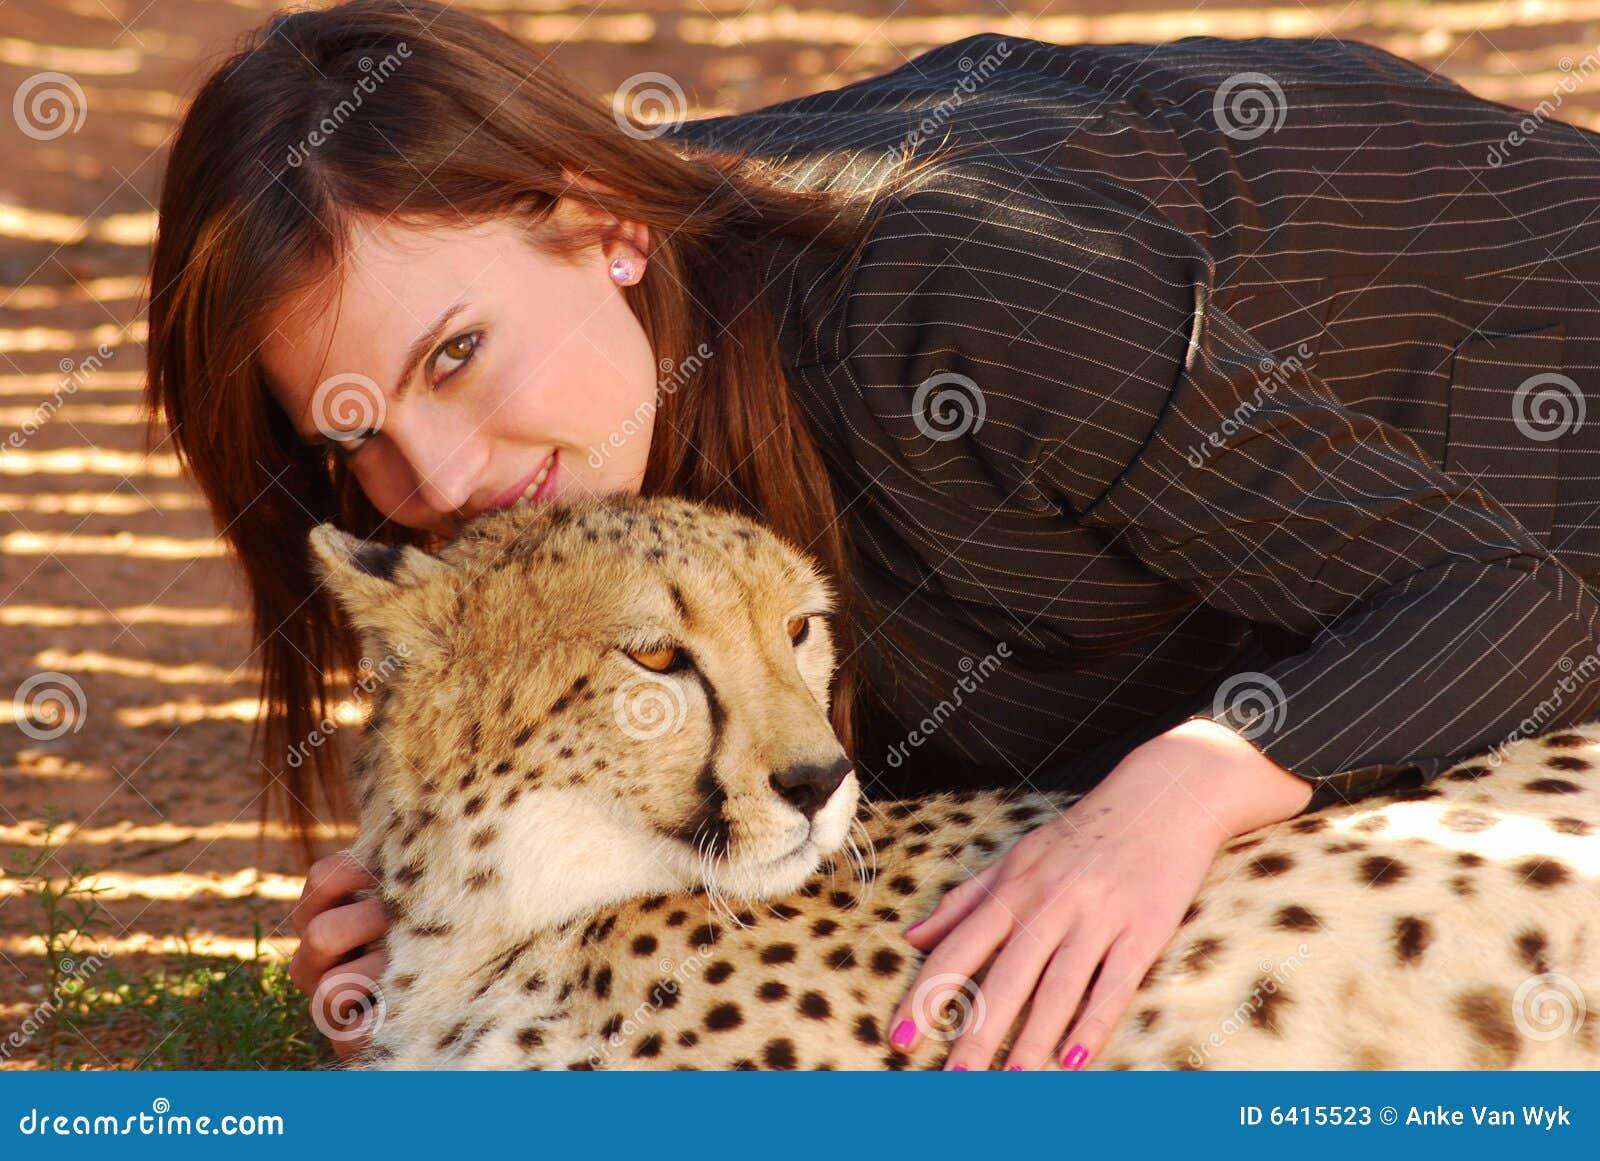 Cheetah and woman